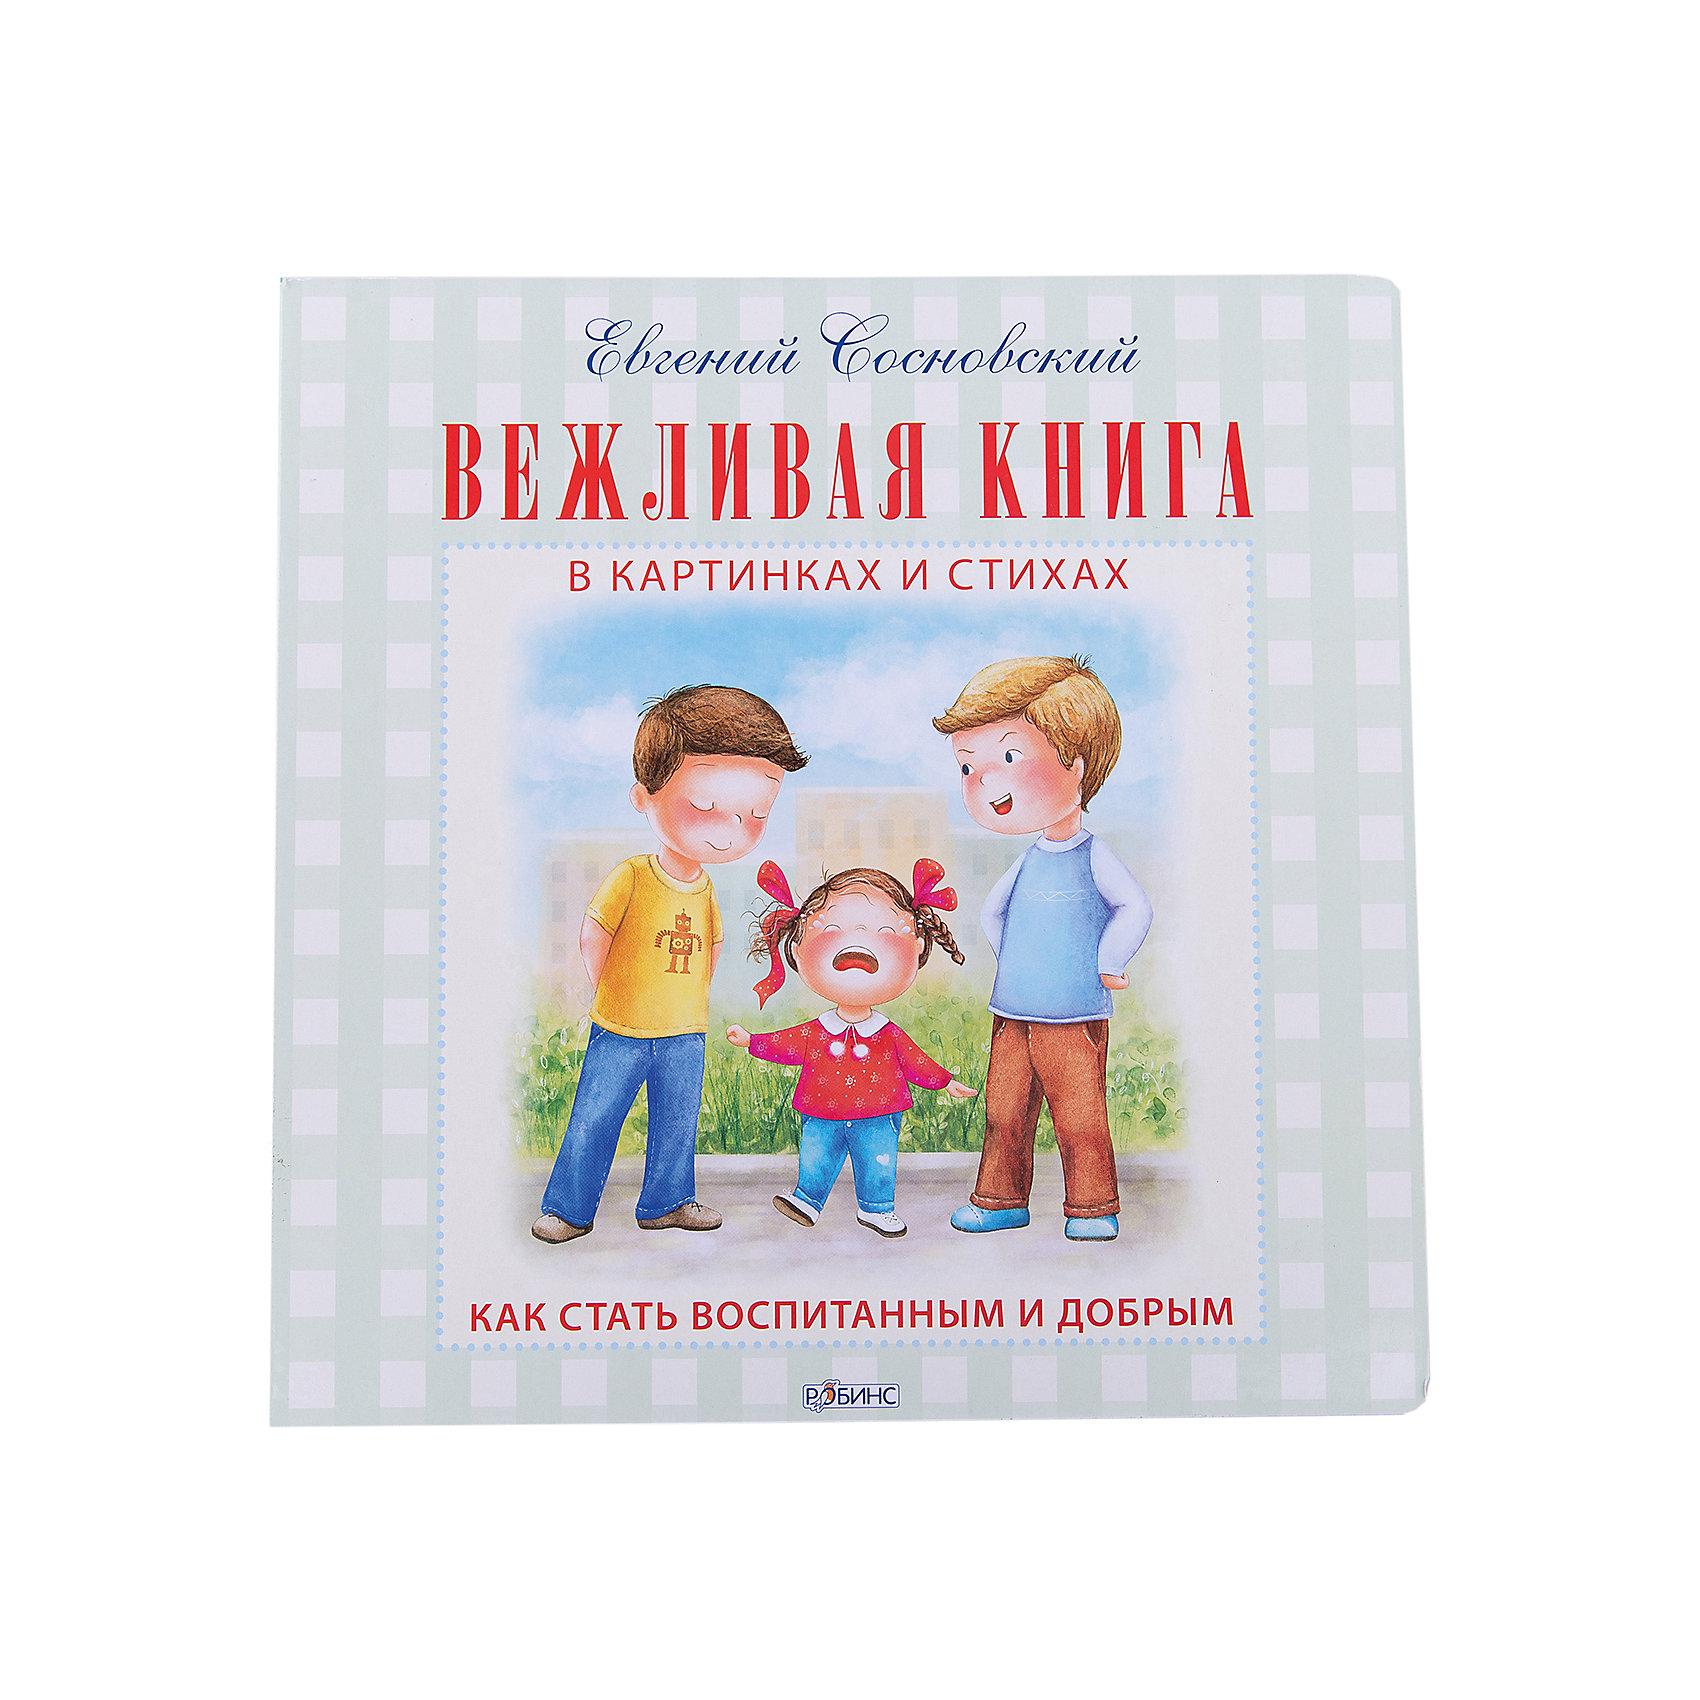 Вежливая книгаКниги для девочек<br>Вежливая книга<br><br>Как легко в игровой форме привить ребенку навыки вежливого общения с людьми и корректного поведения в обществе? Родителям поможет Вежливая книга. Простые стихи и красочные картинки объясняют малышам, как вести себя в различных ситуациях.<br><br>Книга воспитывает доброту, вежливость, понимание, заботливость, основы правил хорошего тона. В ней рассмотрены ситуации, с которыми постоянно сталкиваются люди: поведение за столом, в гостях, в людных местах и т.д. Также книга расскажет: как вести себя с друзьями и нужно ли защищать слабых.<br><br><br>Вежливую книгу можно купить в нашем магазине.<br><br>Ширина мм: 259<br>Глубина мм: 257<br>Высота мм: 14<br>Вес г: 661<br>Возраст от месяцев: 36<br>Возраст до месяцев: 72<br>Пол: Унисекс<br>Возраст: Детский<br>SKU: 4678118